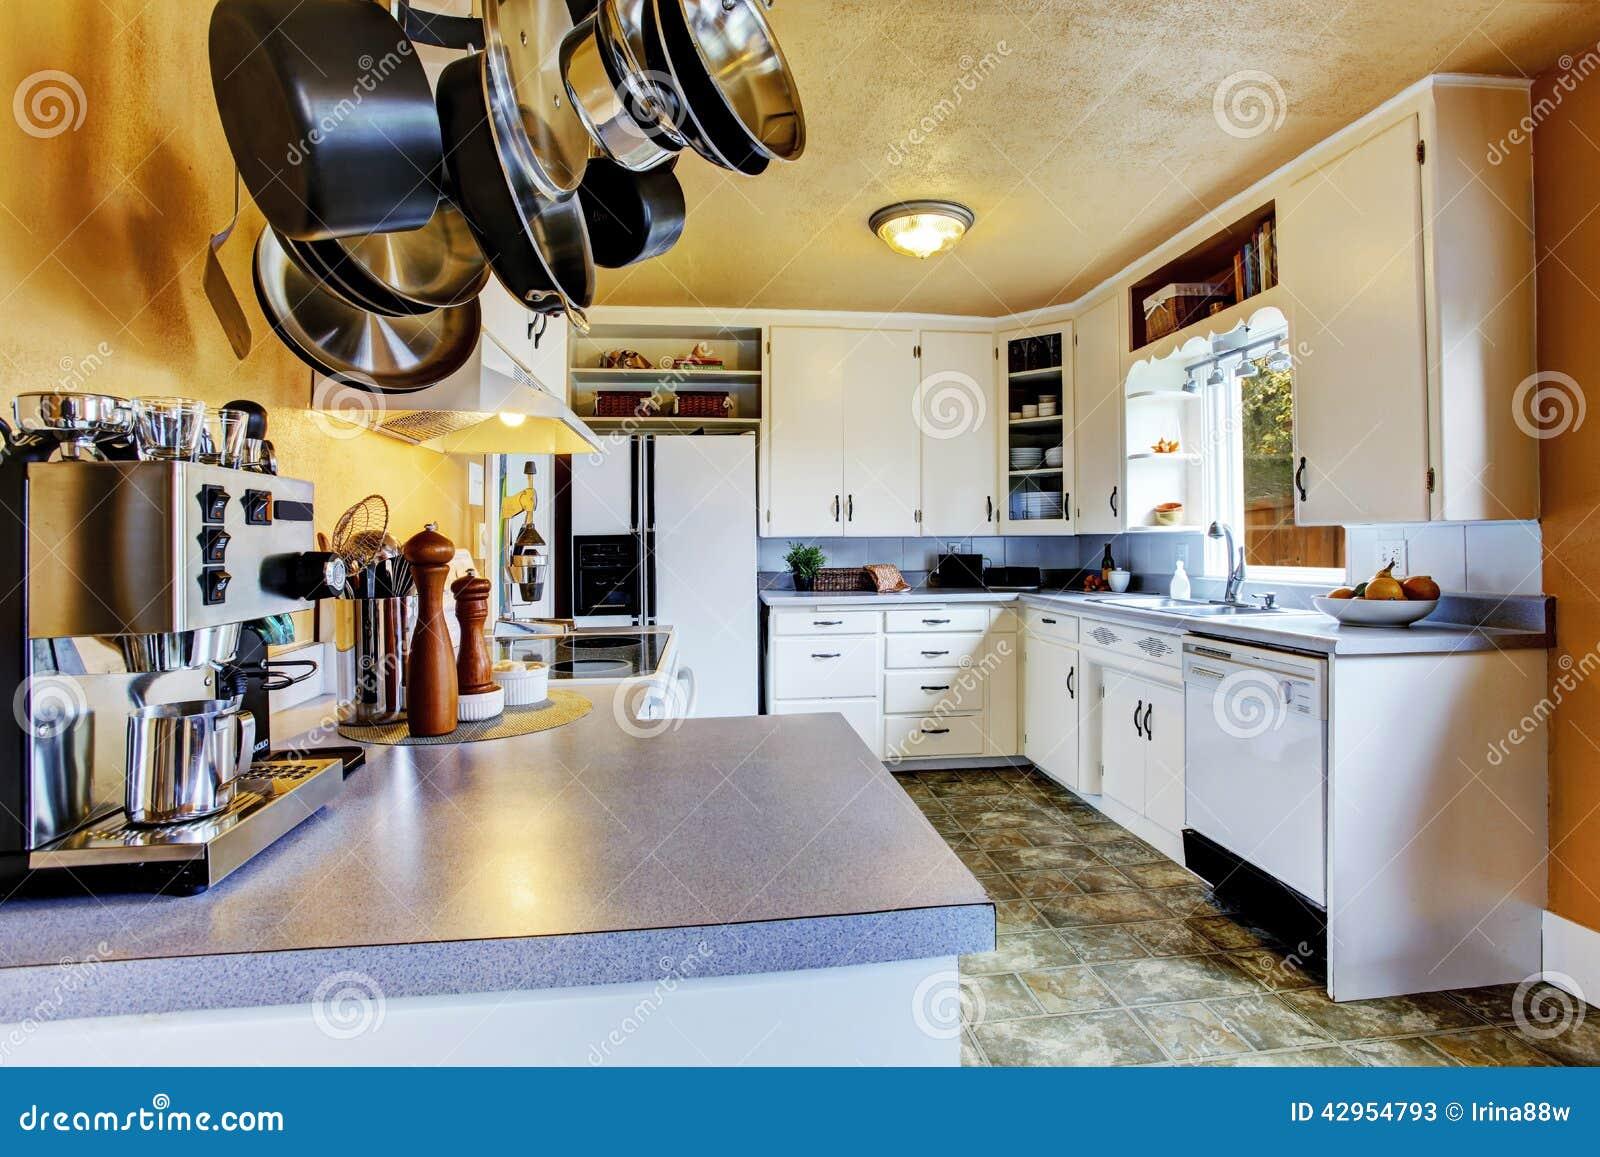 Foto de Stock: Interior da cozinha com paredes do pêssego e linóleo  #764417 1300 957